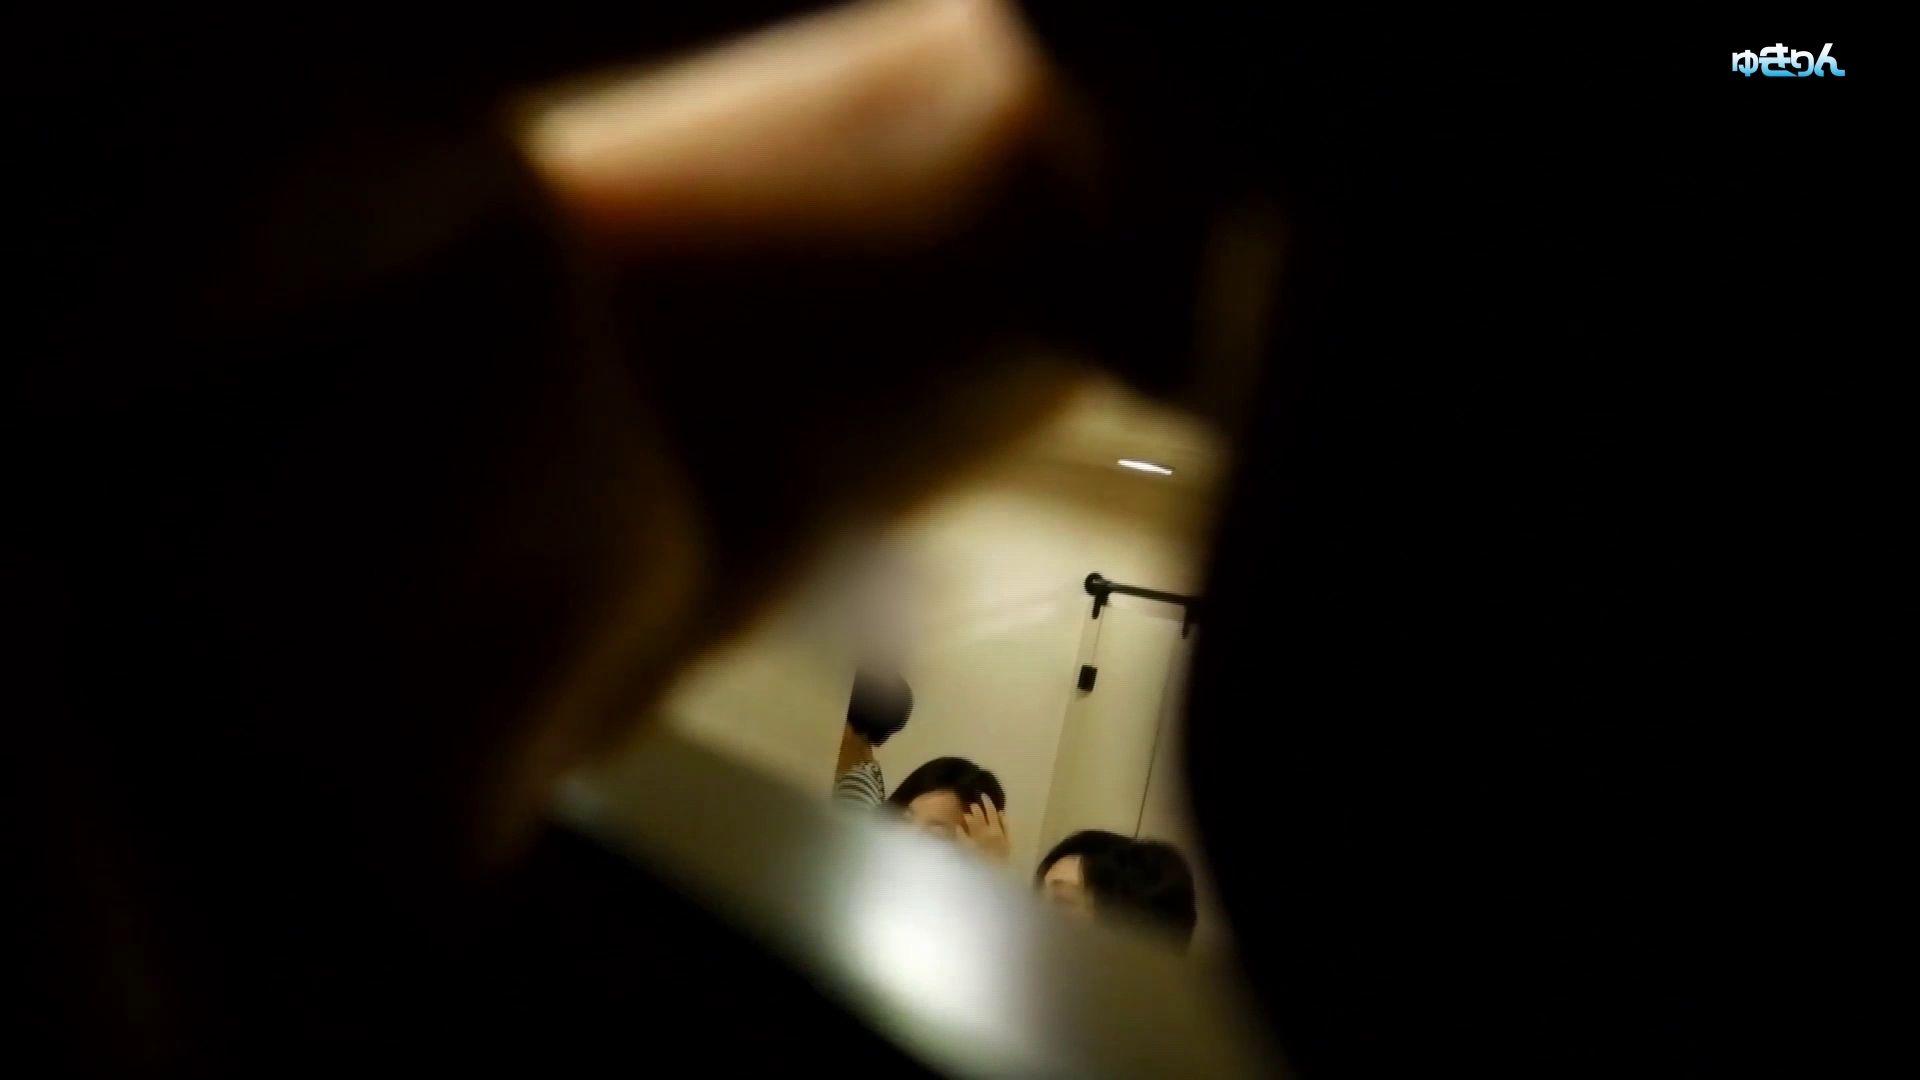 新世界の射窓 No84 広末涼子似の子をキャッチ!!ヒョウ柄の・・・・注目 高画質   ギャル攻め  59画像 37